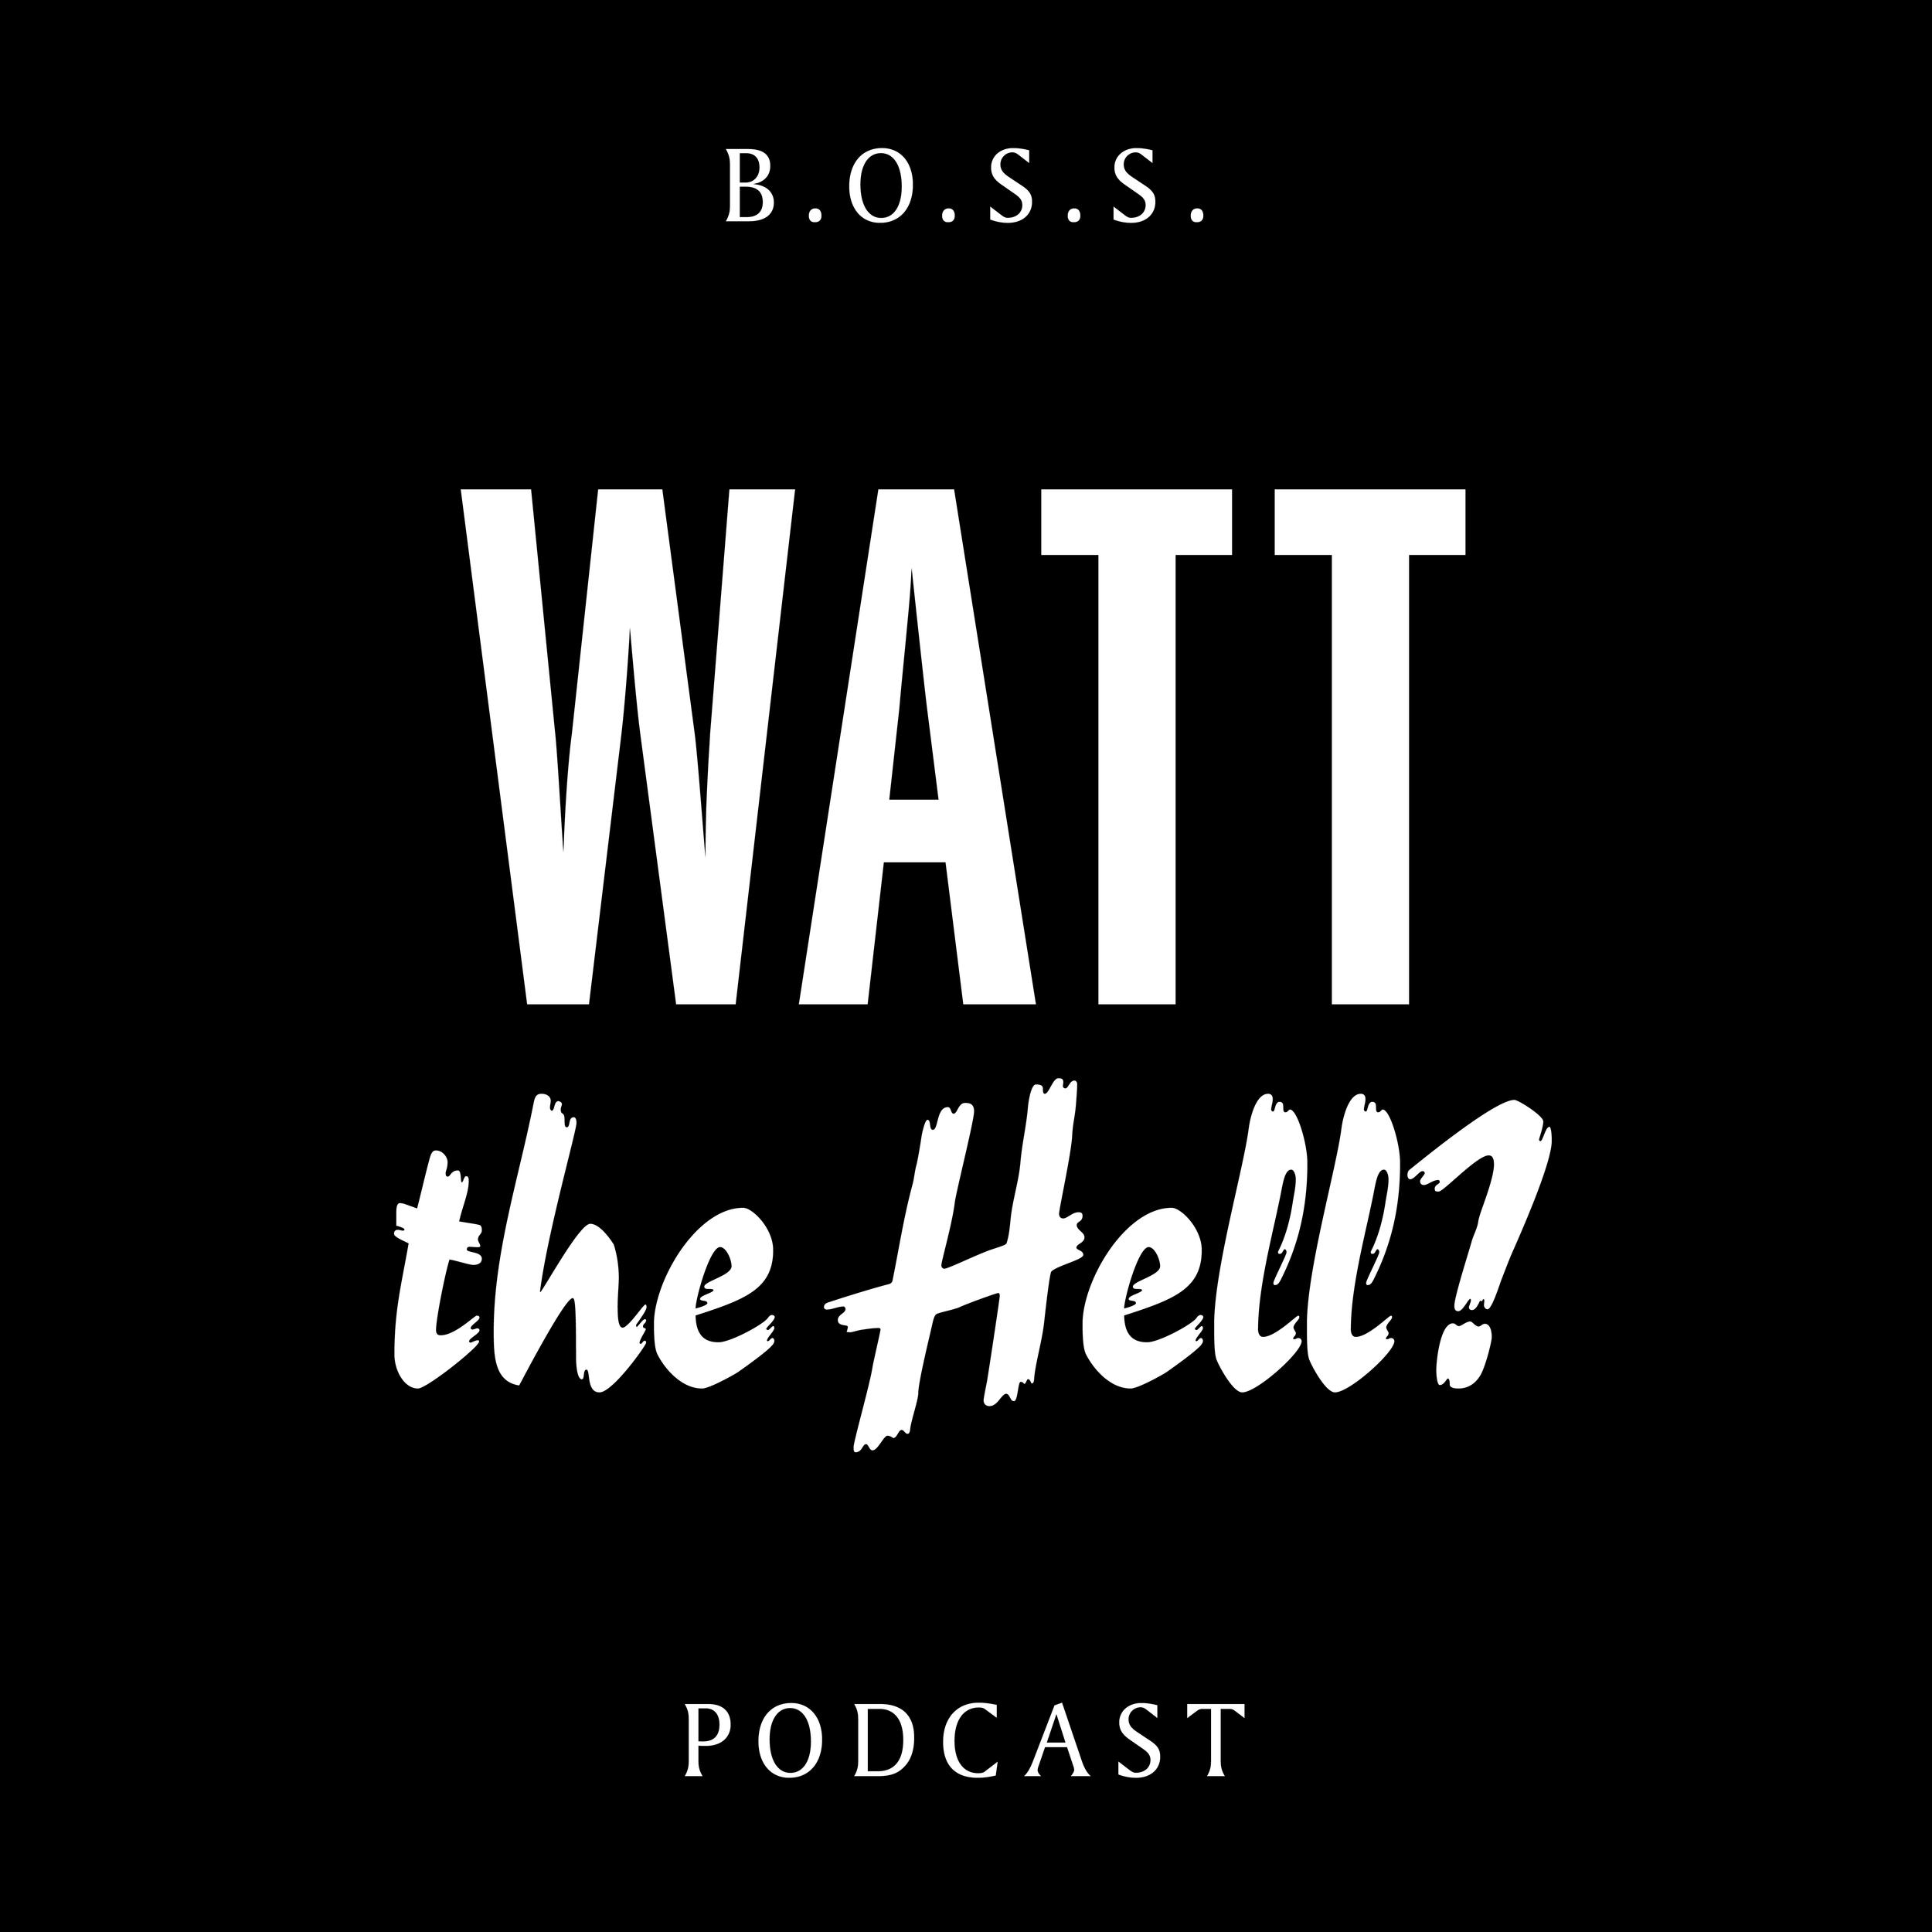 BOSS_WattTheHell_FINAL-01.png